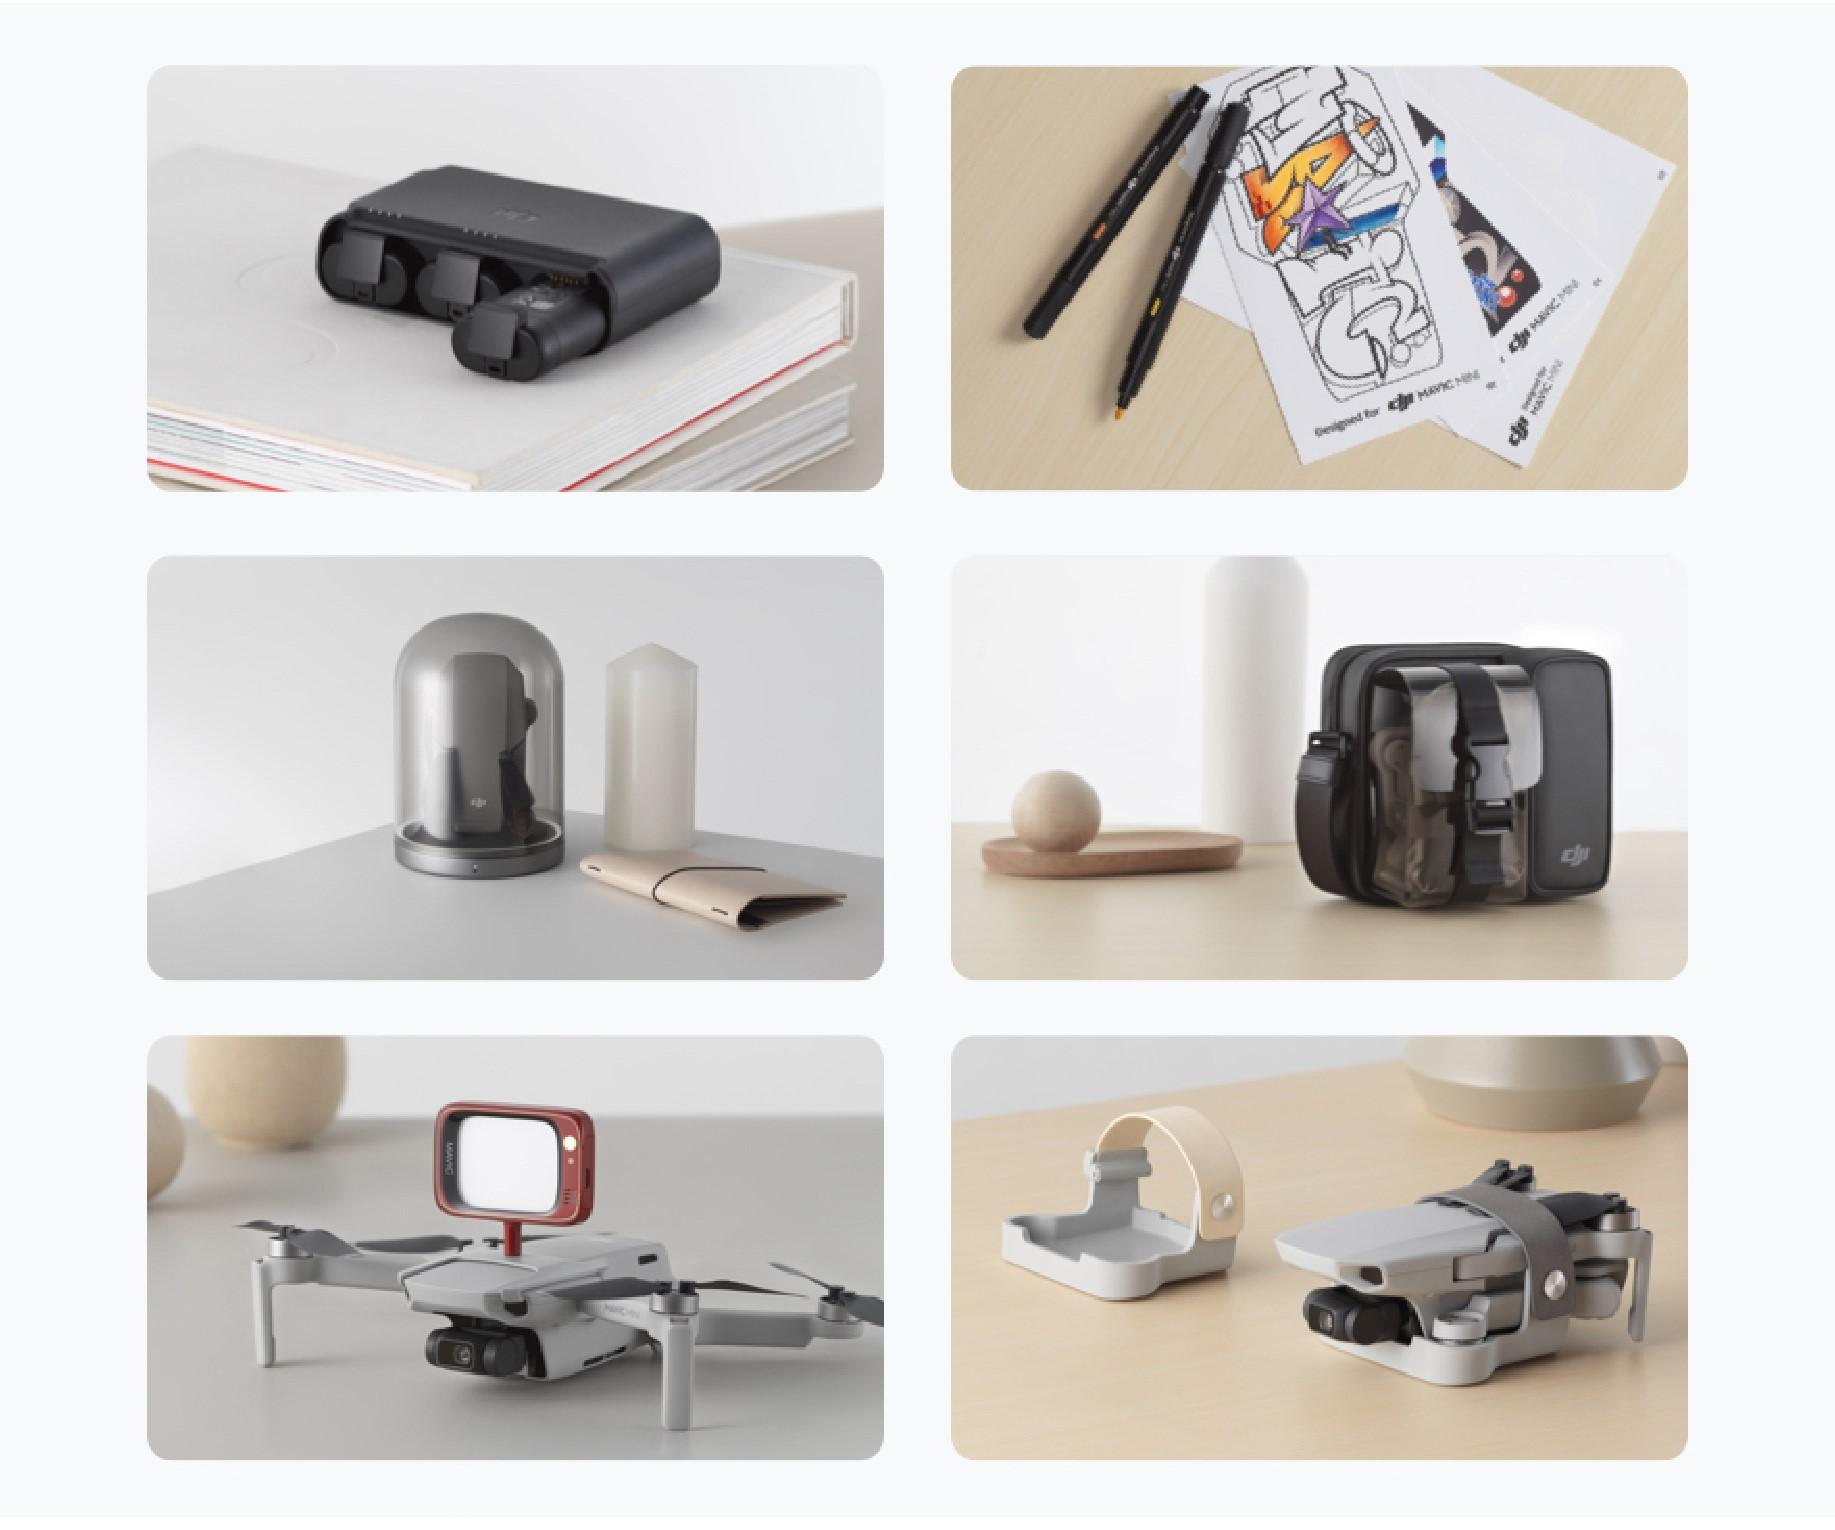 accessories of mavic mini